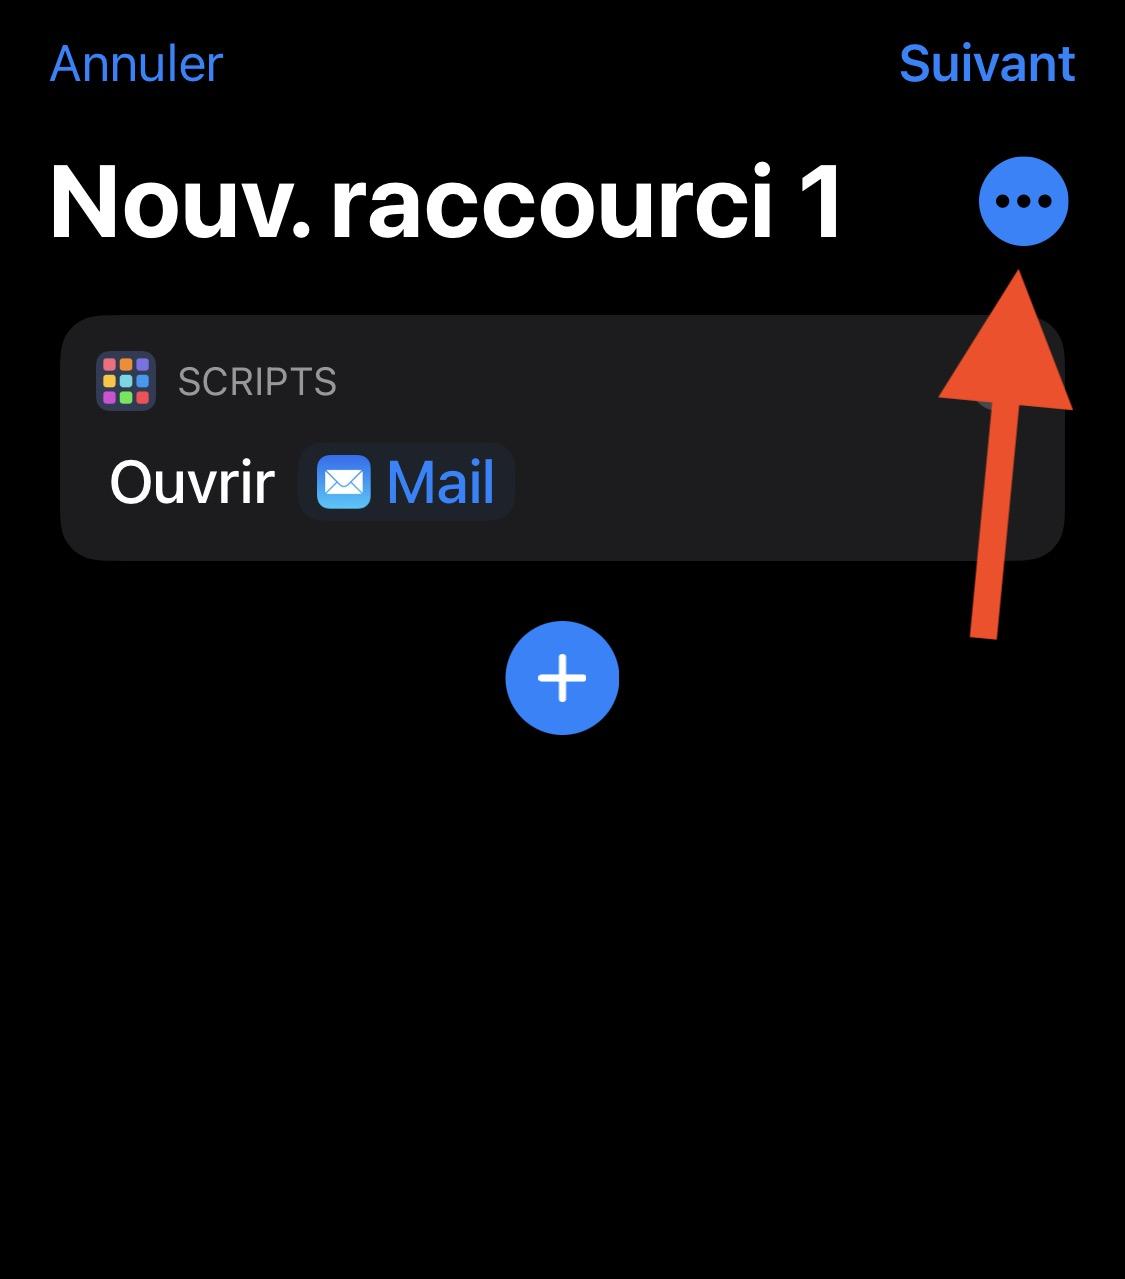 Raccourcis et icône d'app